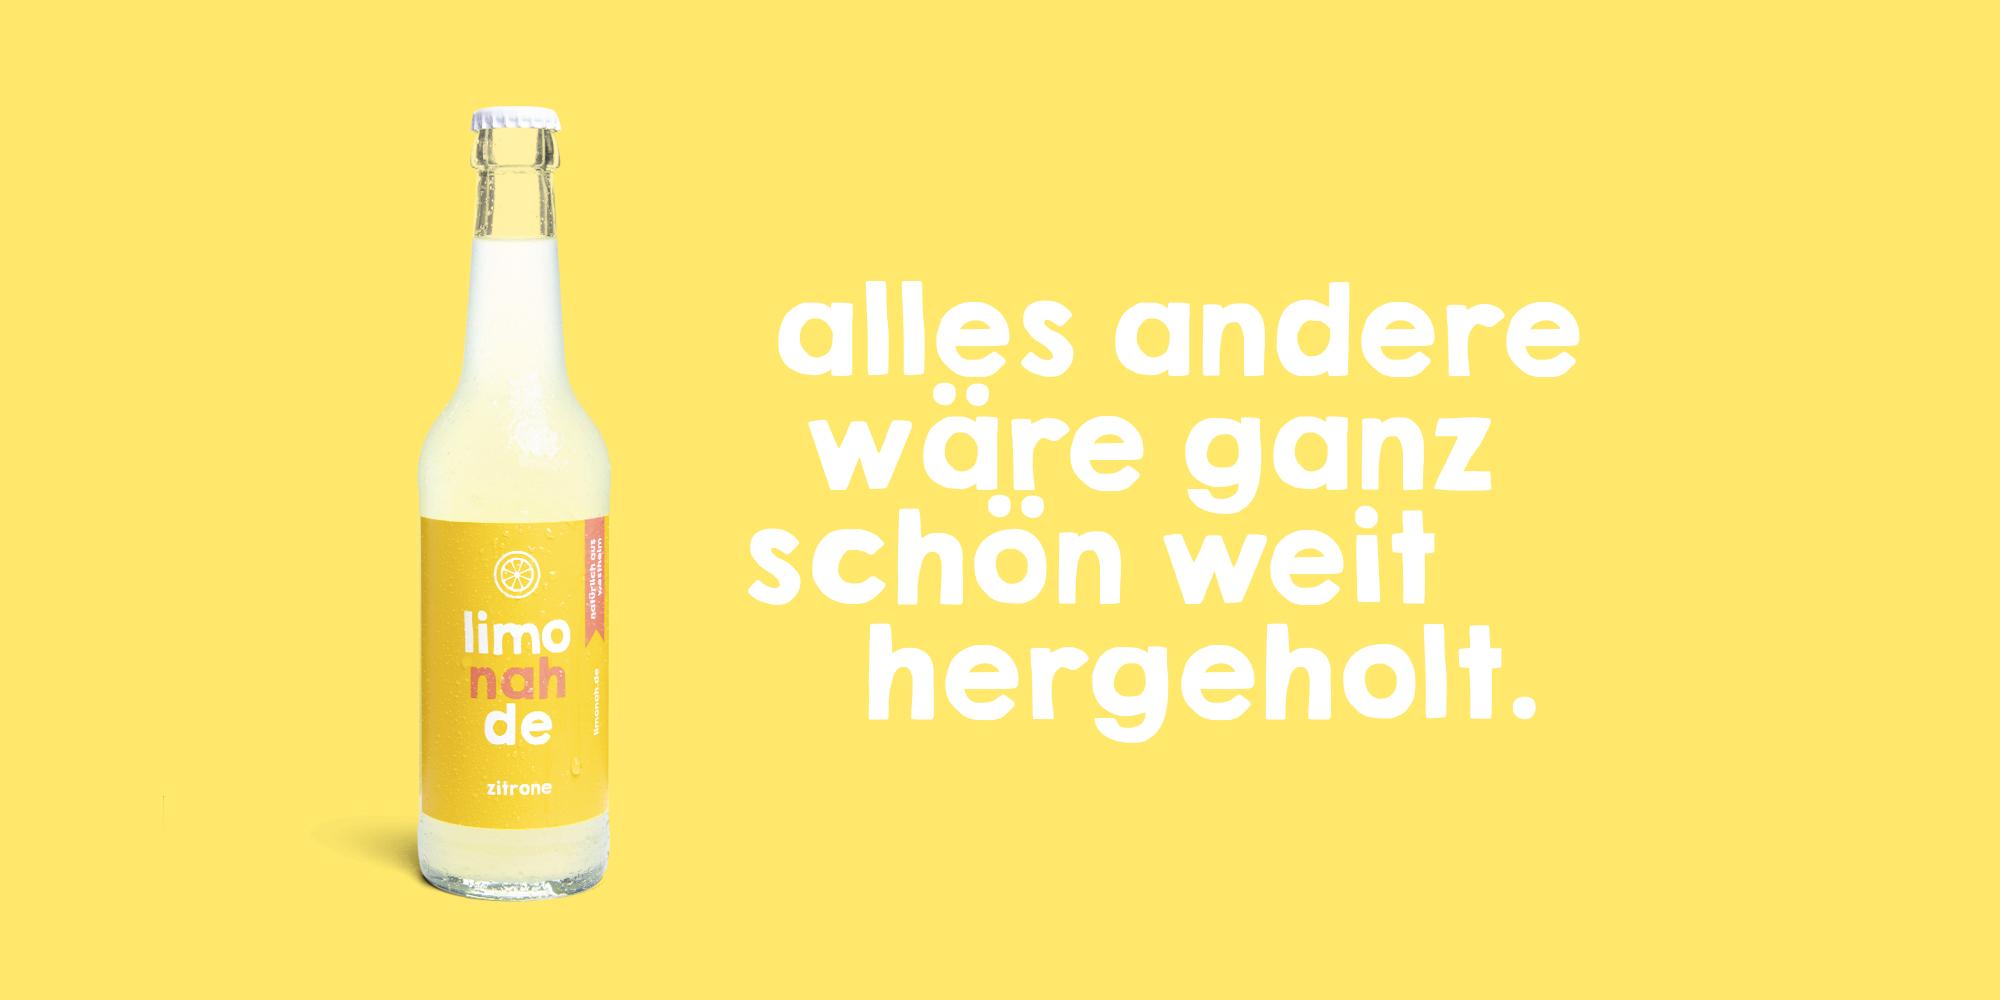 limonahde_zitrone-2